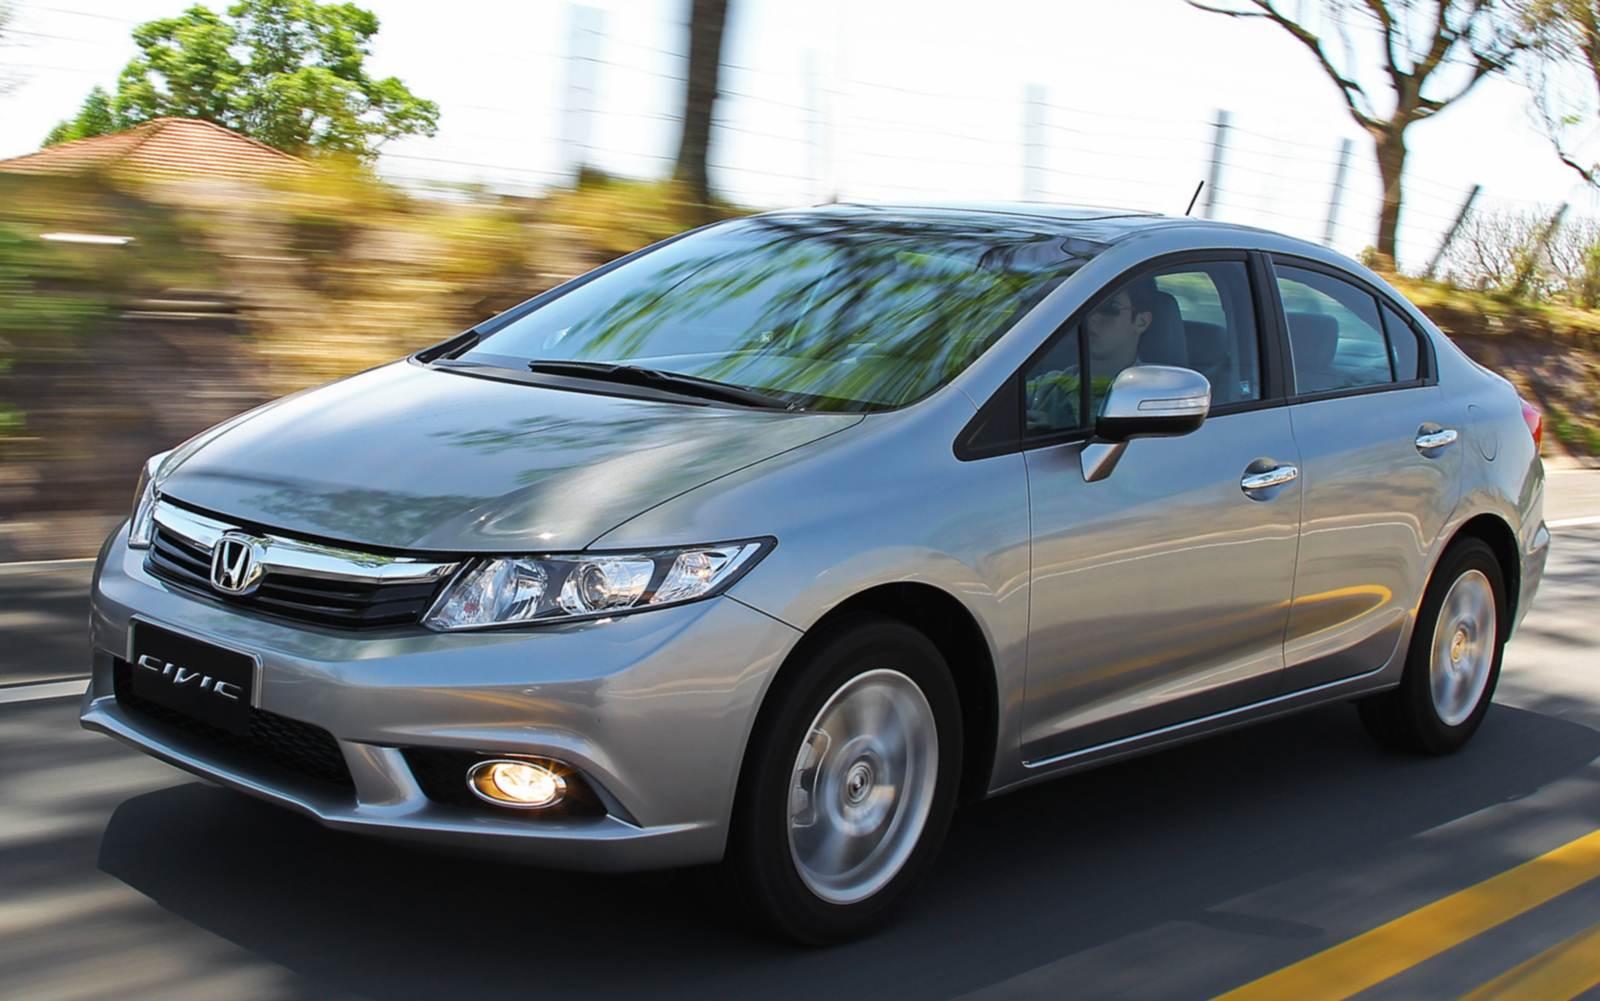 Honda civic exr 2 0 2014